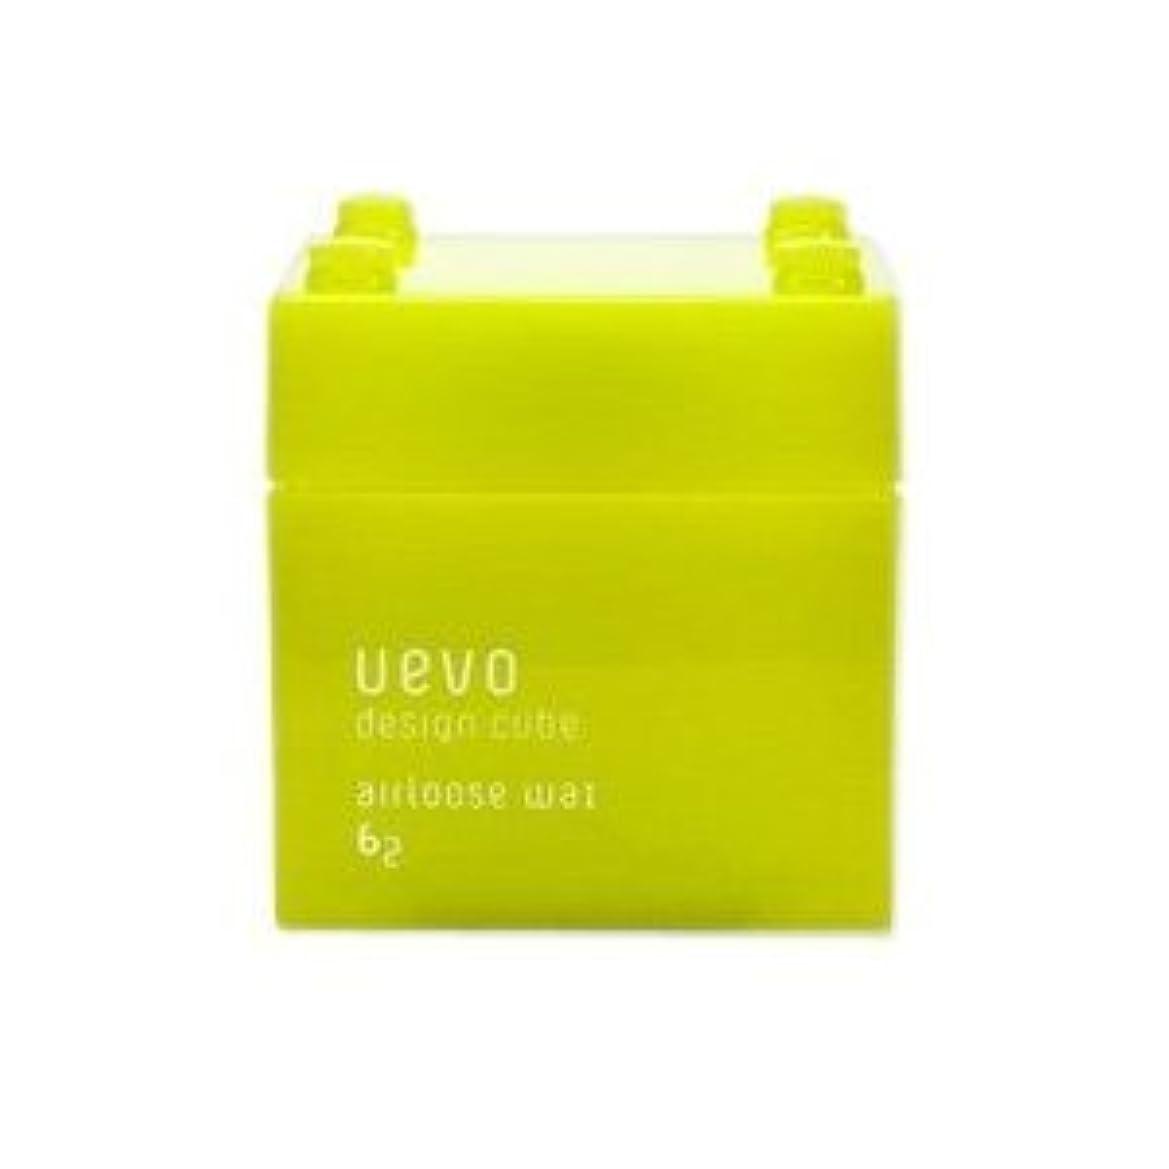 モネ創傷恐ろしいです【X3個セット】 デミ ウェーボ デザインキューブ エアルーズワックス 80g airloose wax DEMI uevo design cube